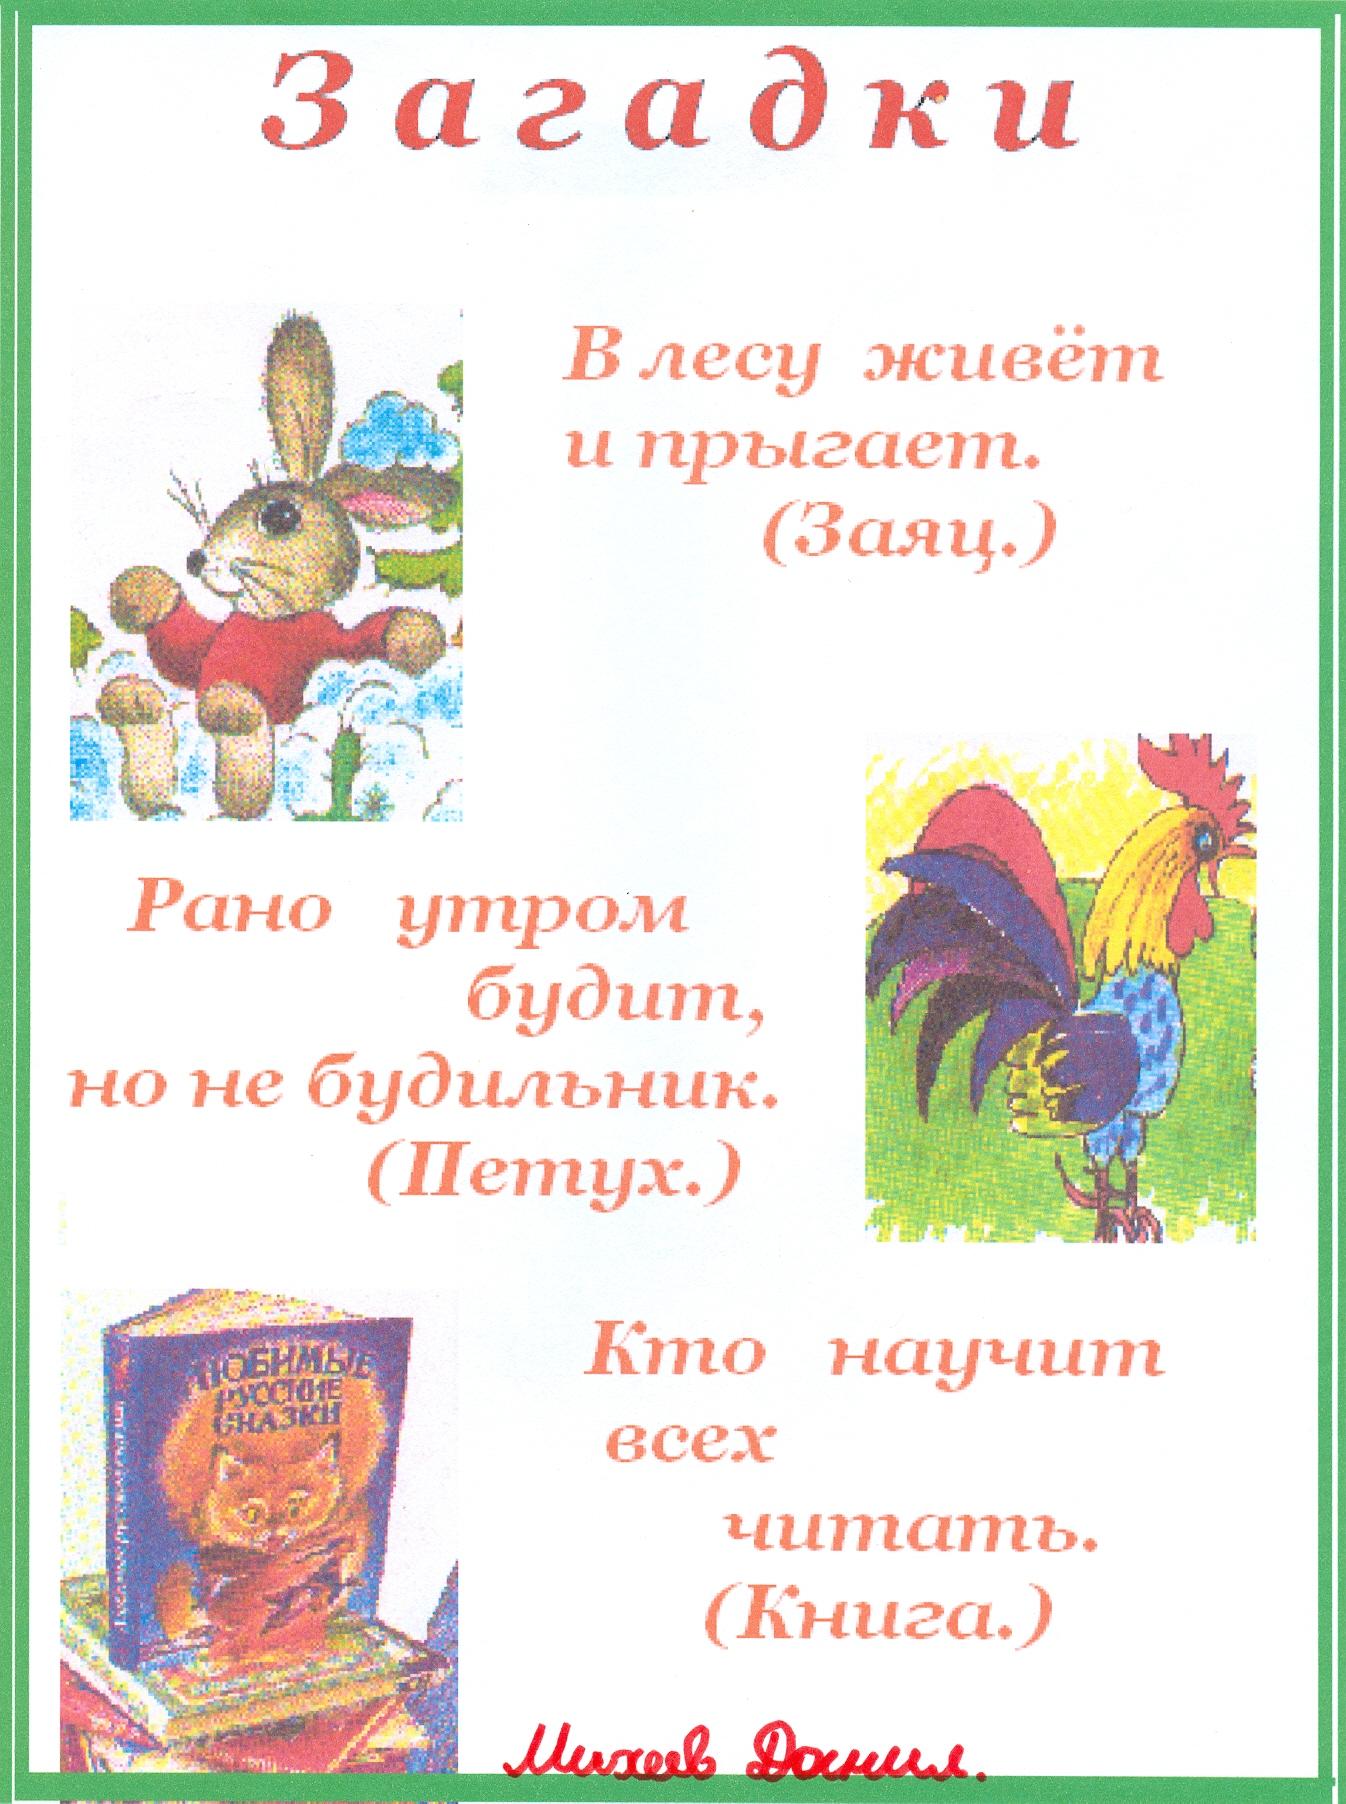 C:\Users\Елена Григорьевна\Pictures\Мои сканированные изображения\сканирование0044.jpg